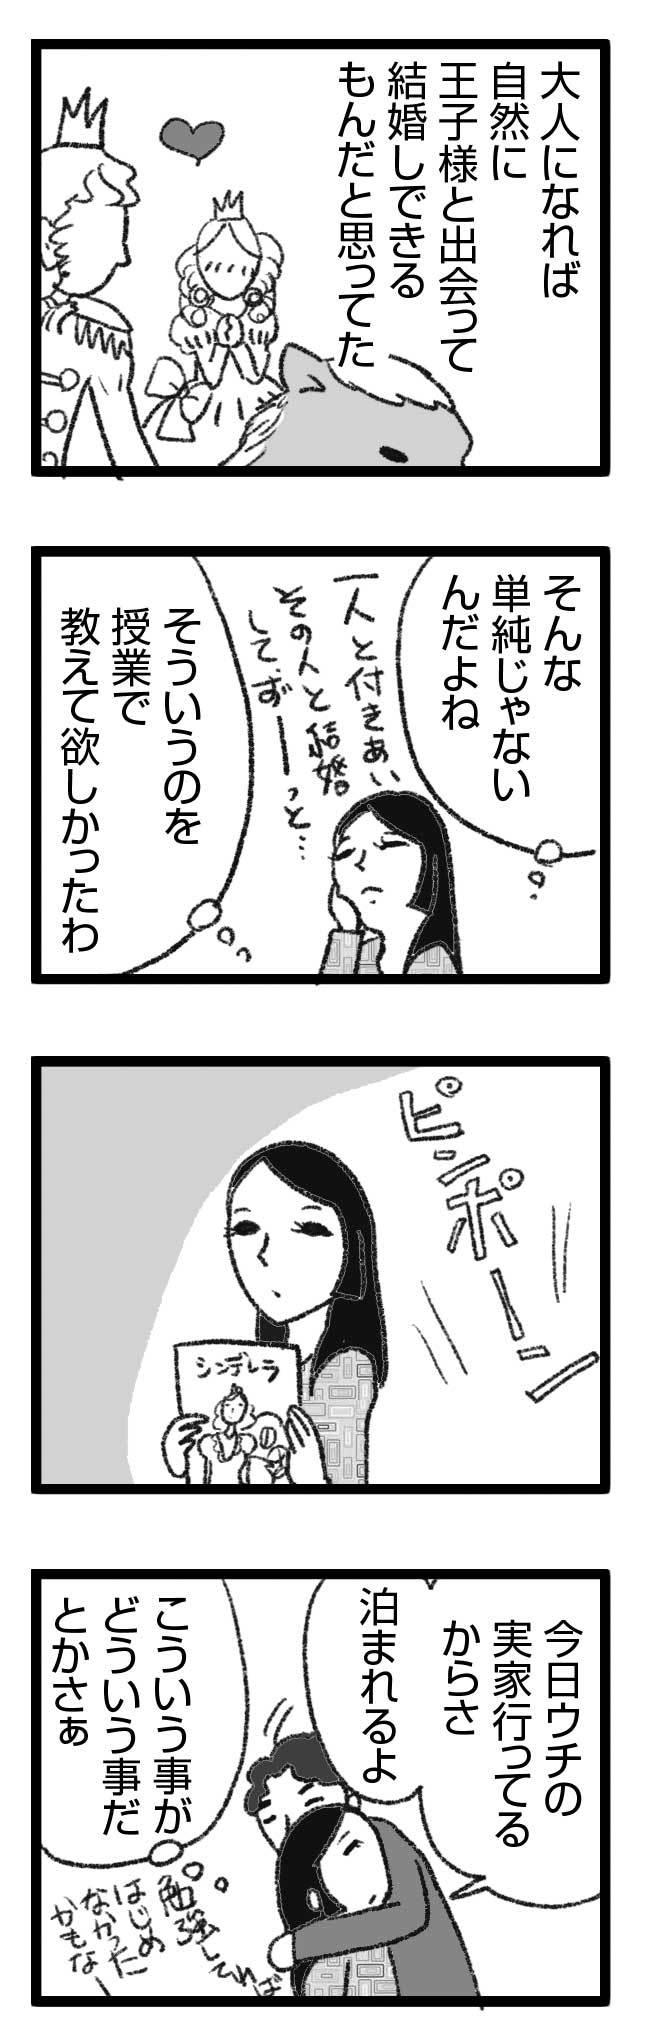 童話と現実1 結婚 婚活 漫画 マンガ まんが レス セックスレス プロポーズ